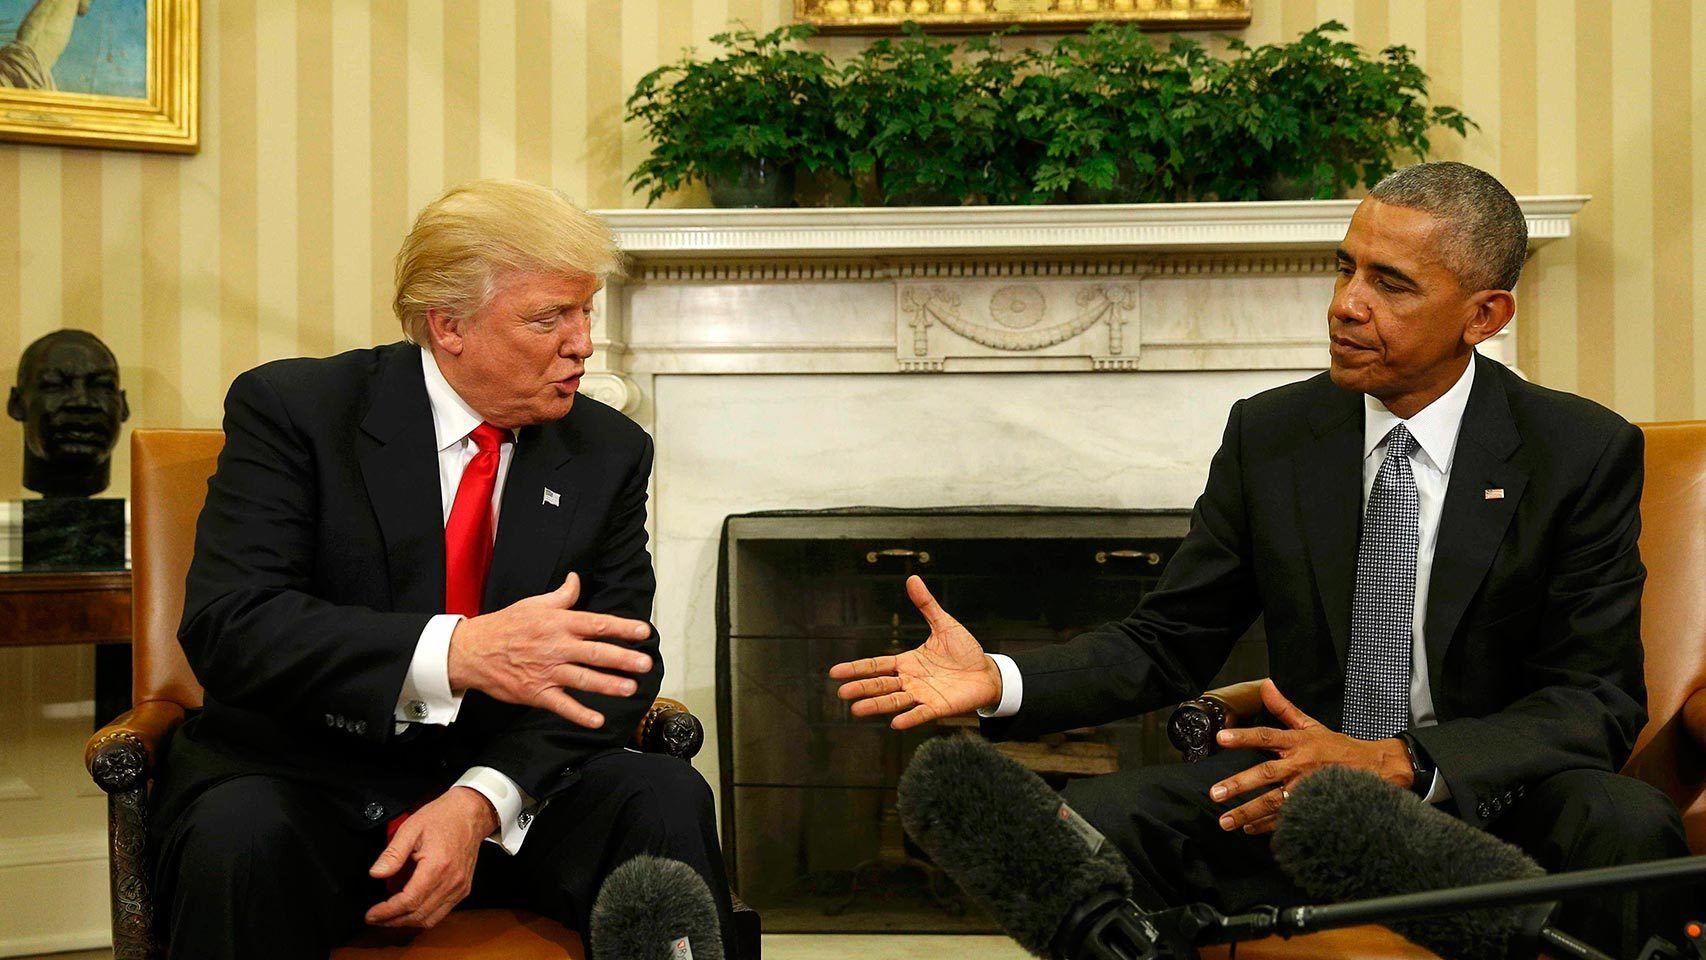 La carta de Obama a Trump: elogio de la democracia